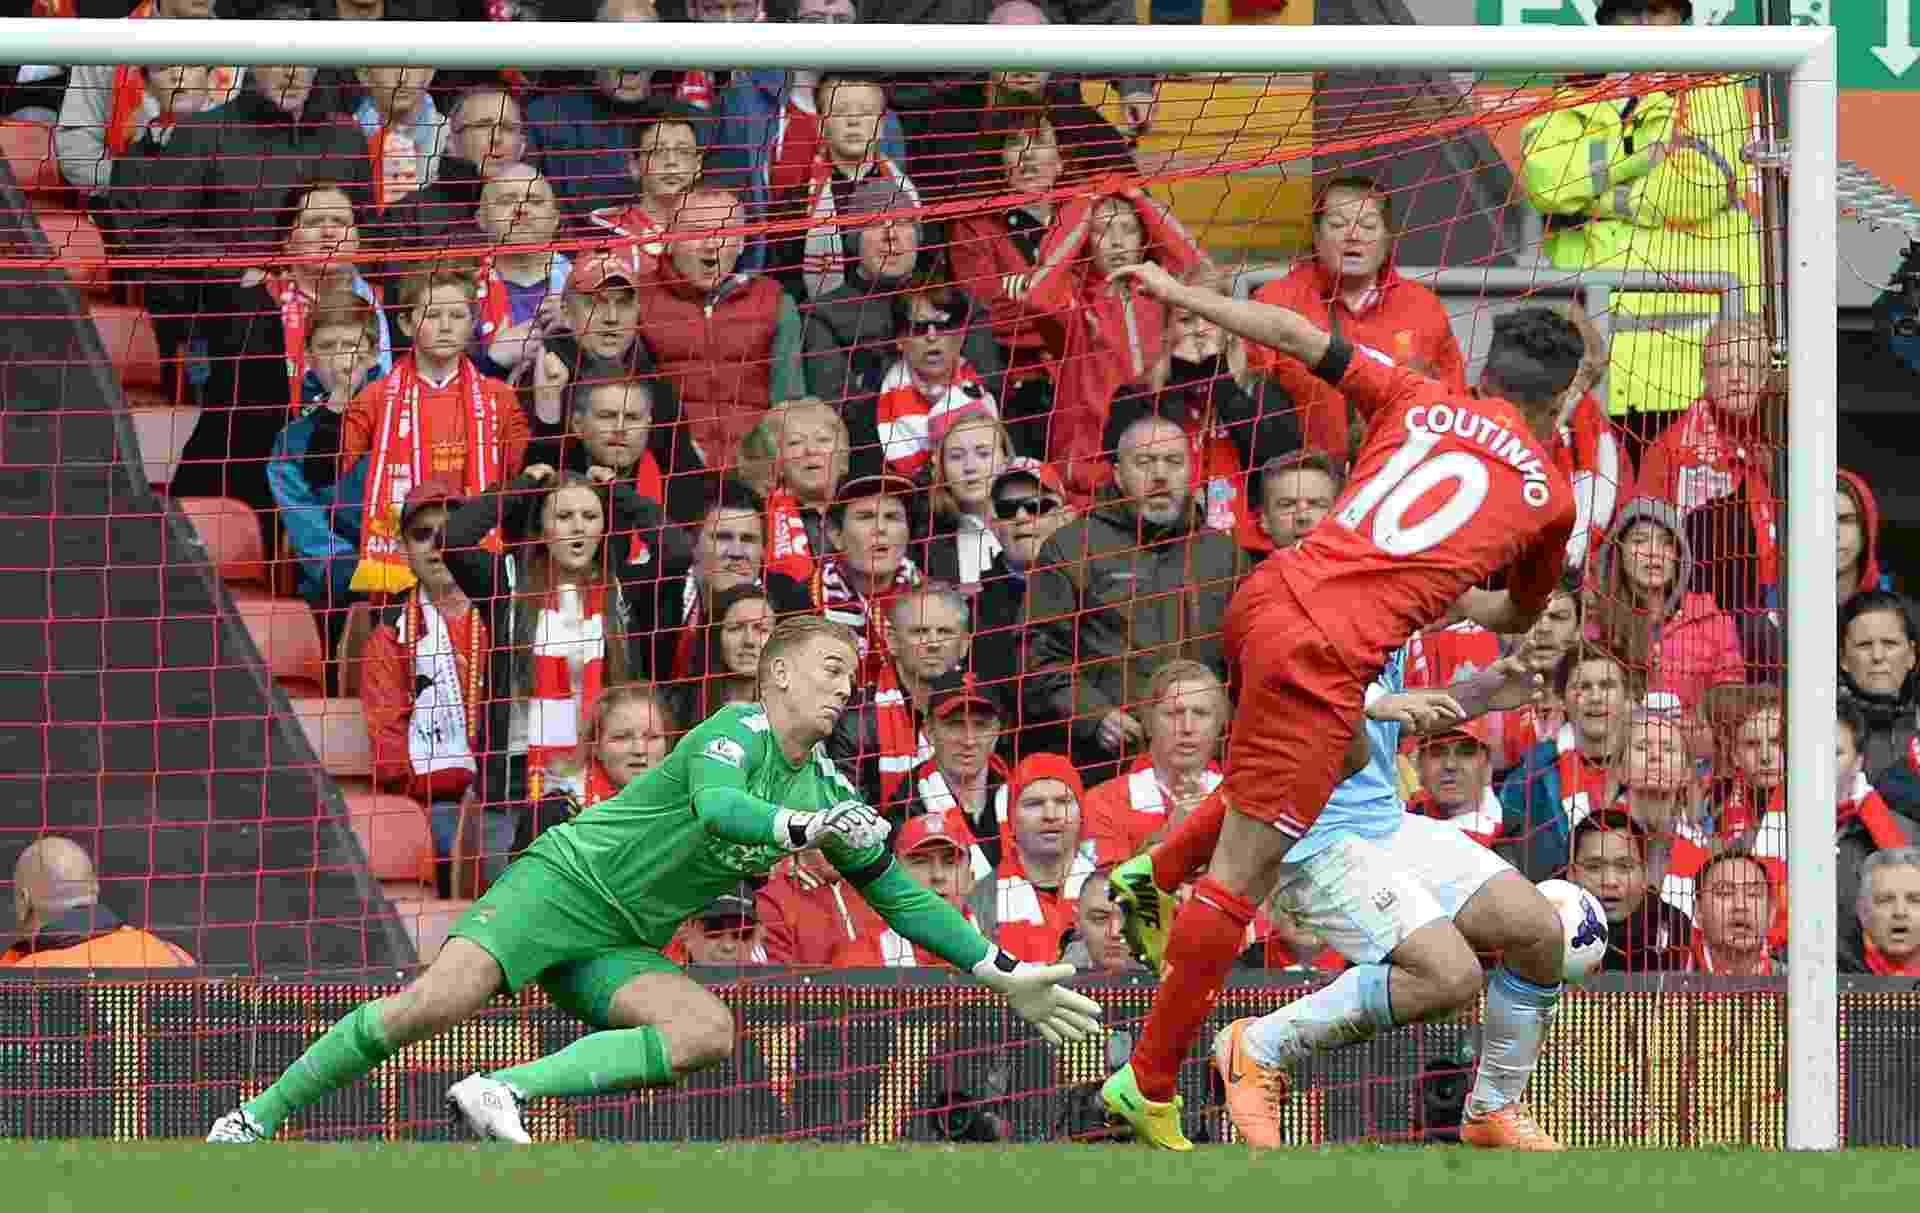 Philippe Coutinho marca gol da vitória do Liverpool sobre o City em Anfield - Peter Powell/EFE/EPA